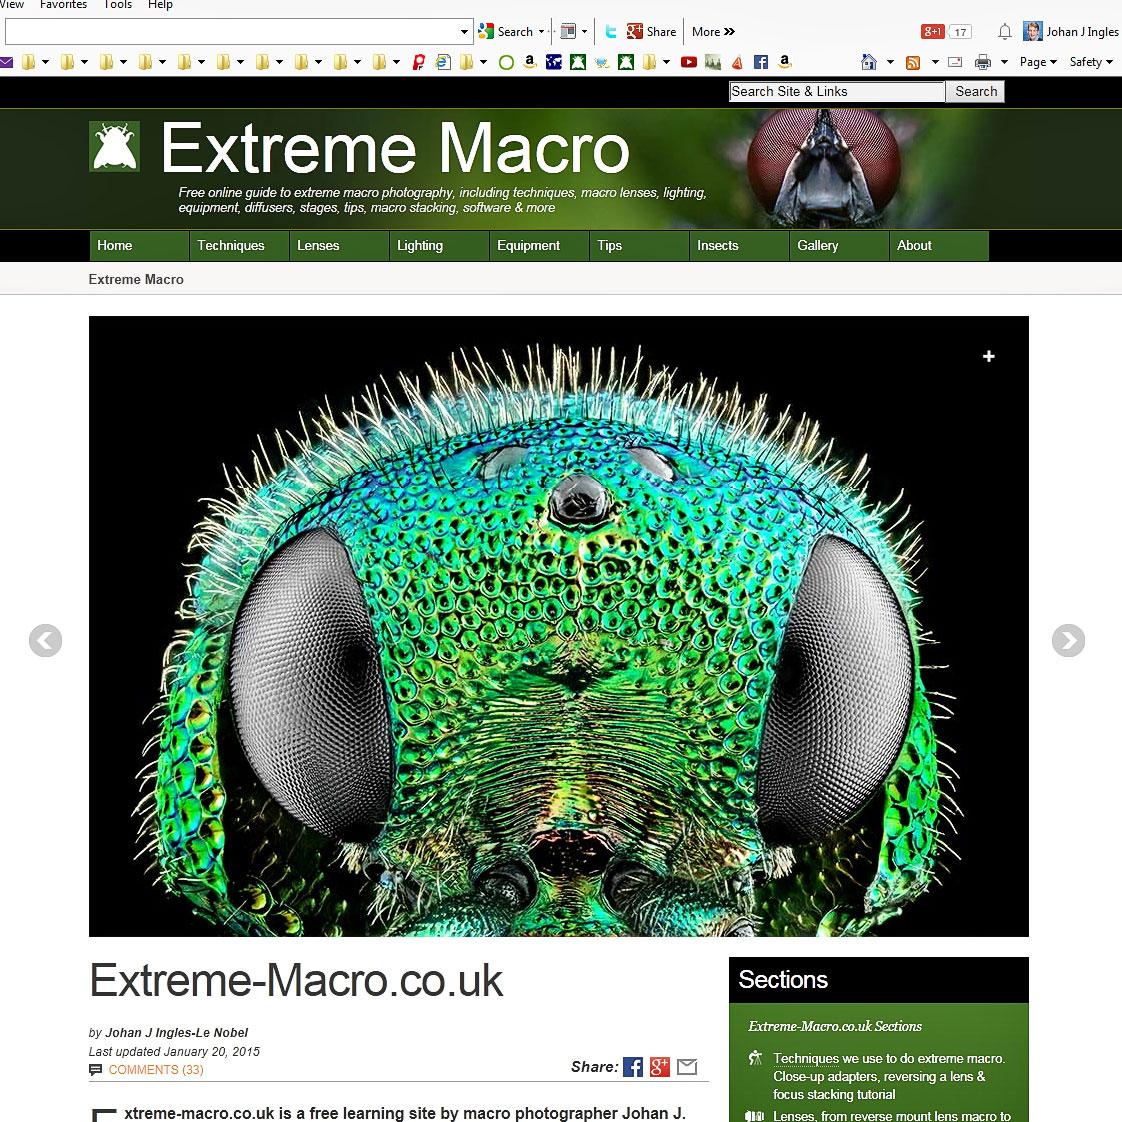 extreme-macro.co.uk